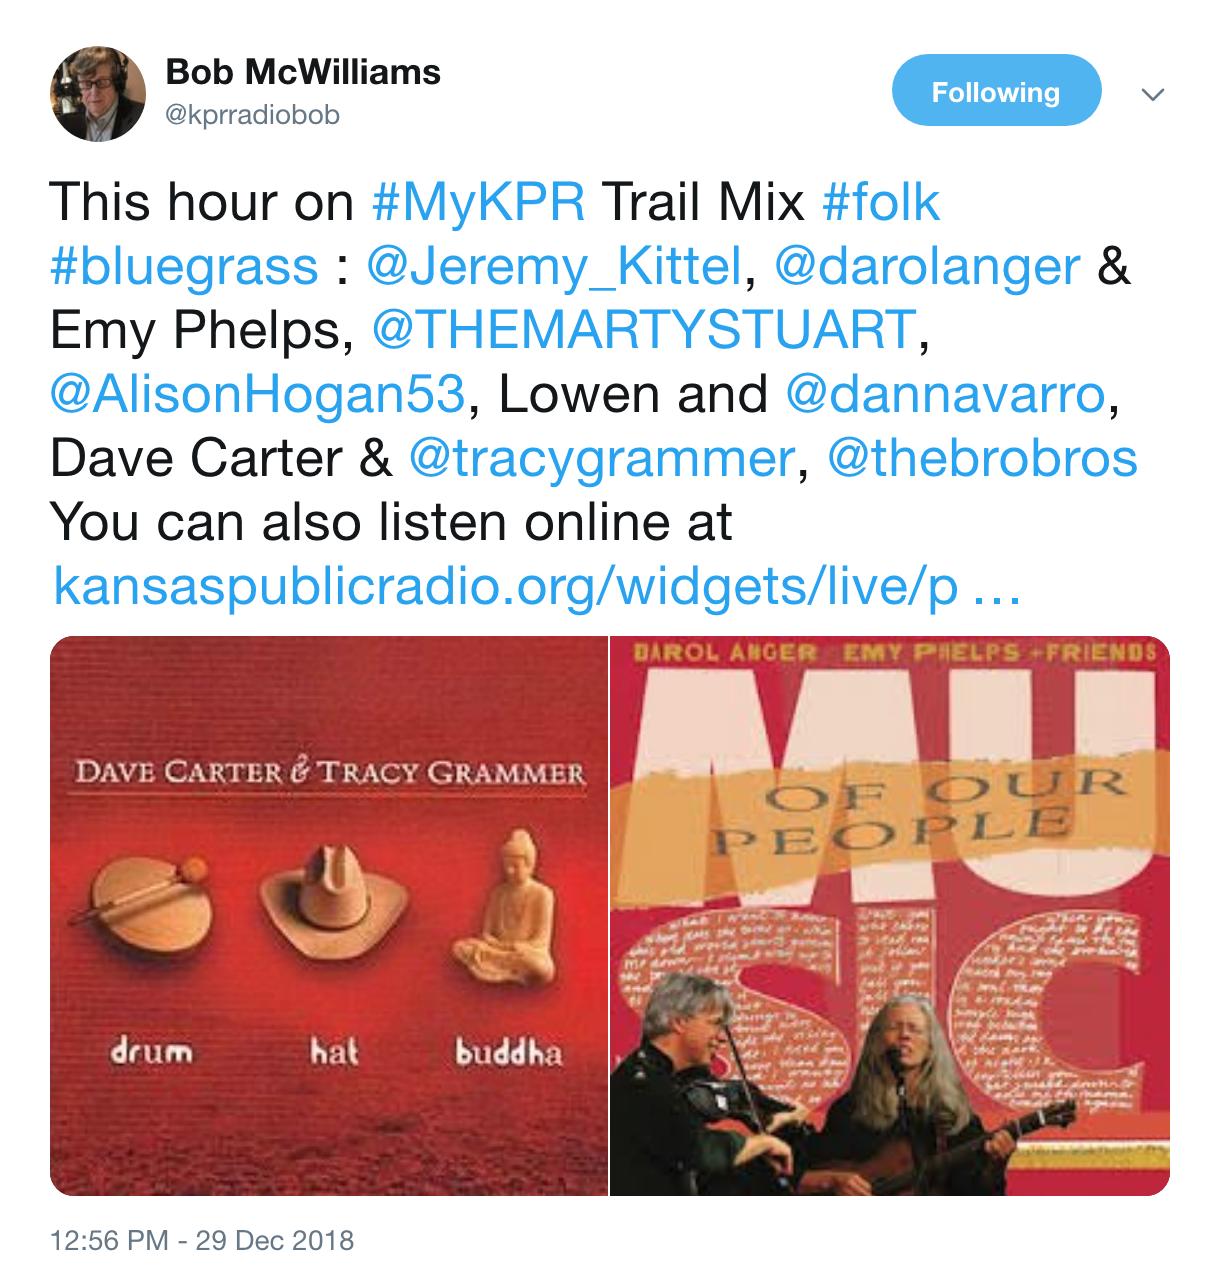 2018 12 29 KPR tweet